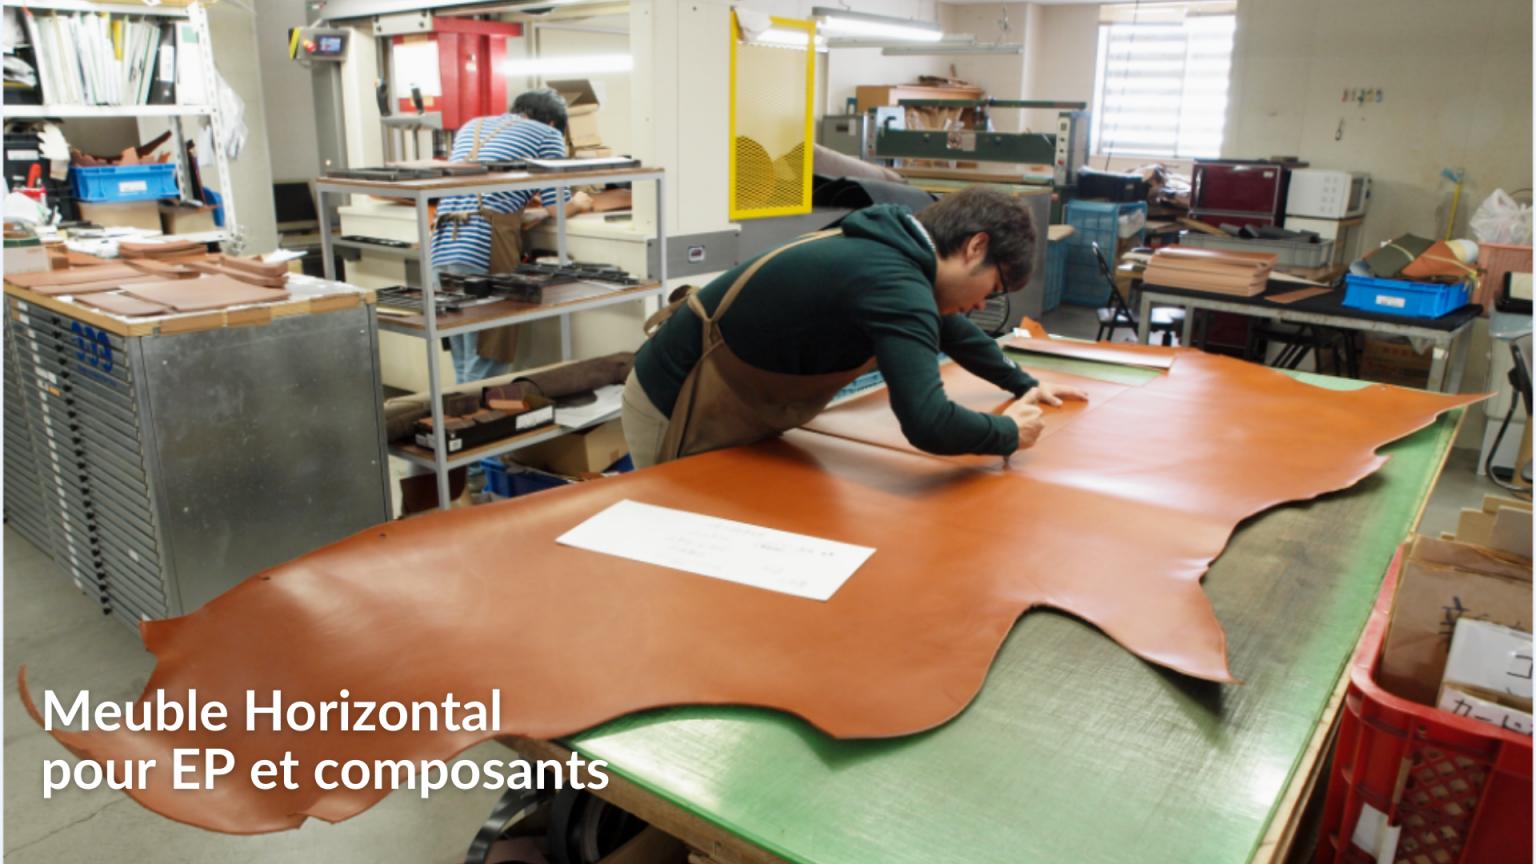 meuble-horizontal-pour-EP-et-composants